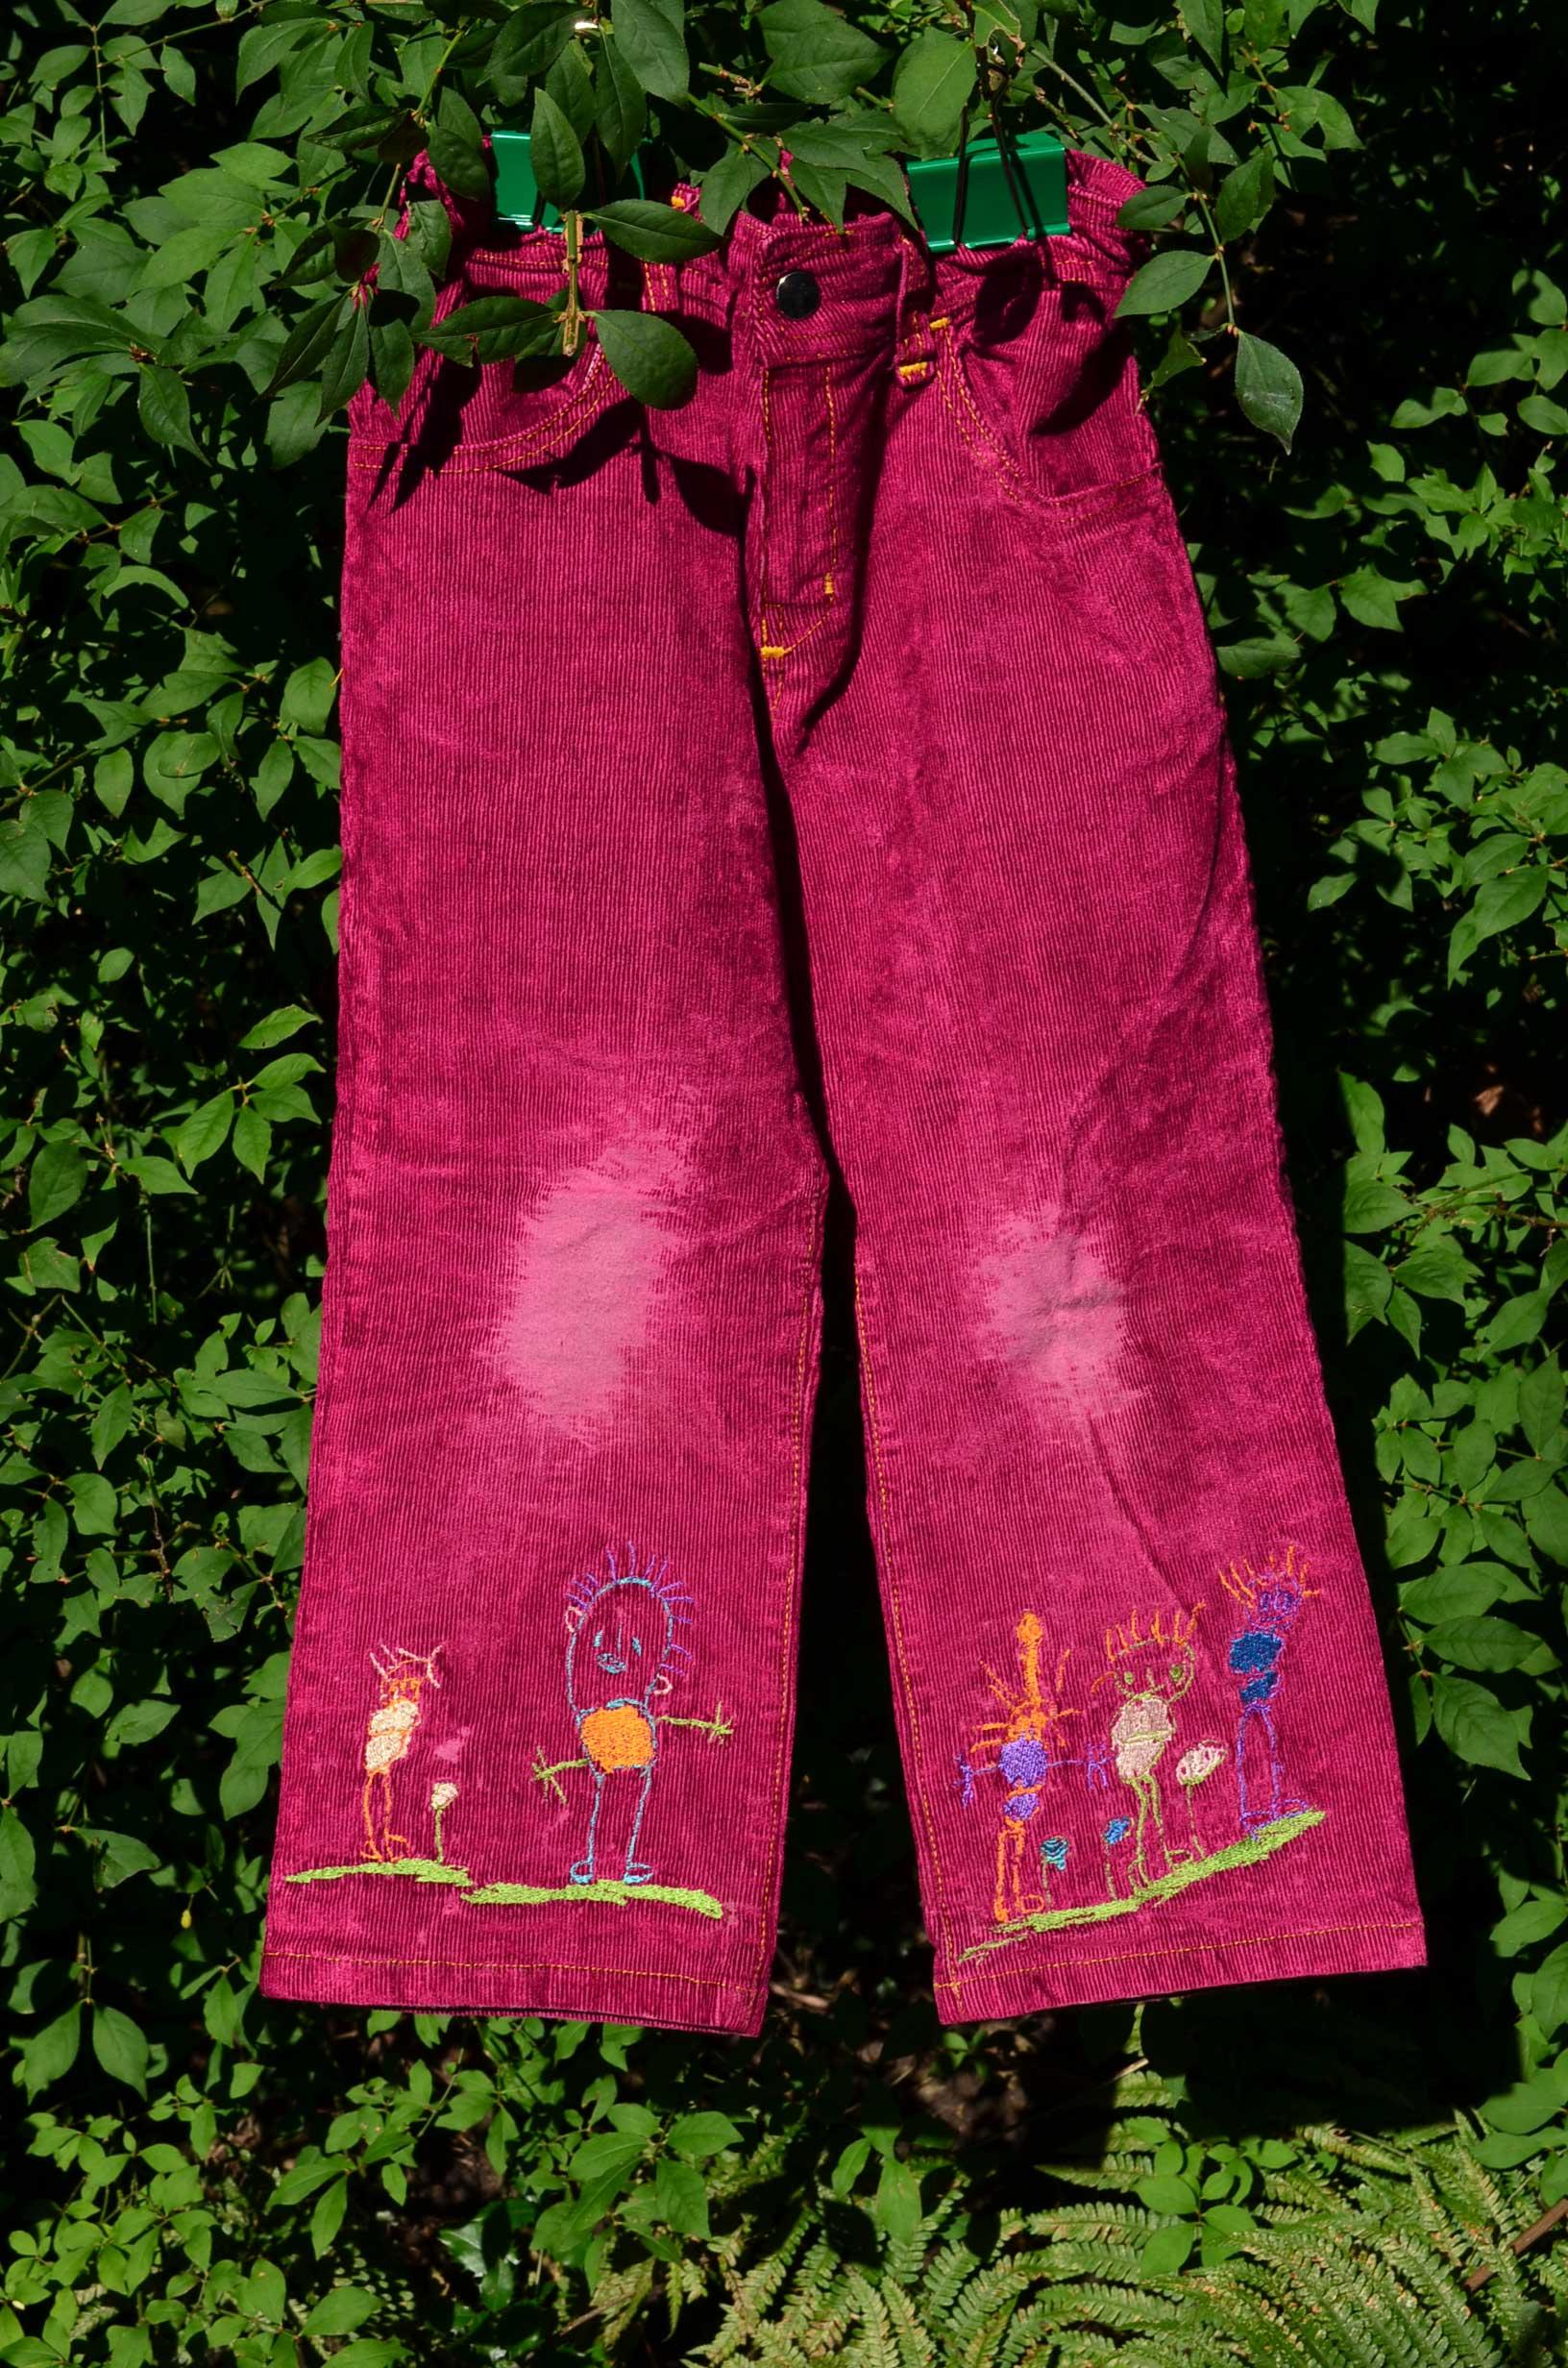 roetsch-pinke-Maedchen-Cordhose-mit-gestickten-Kinderzeichnungen